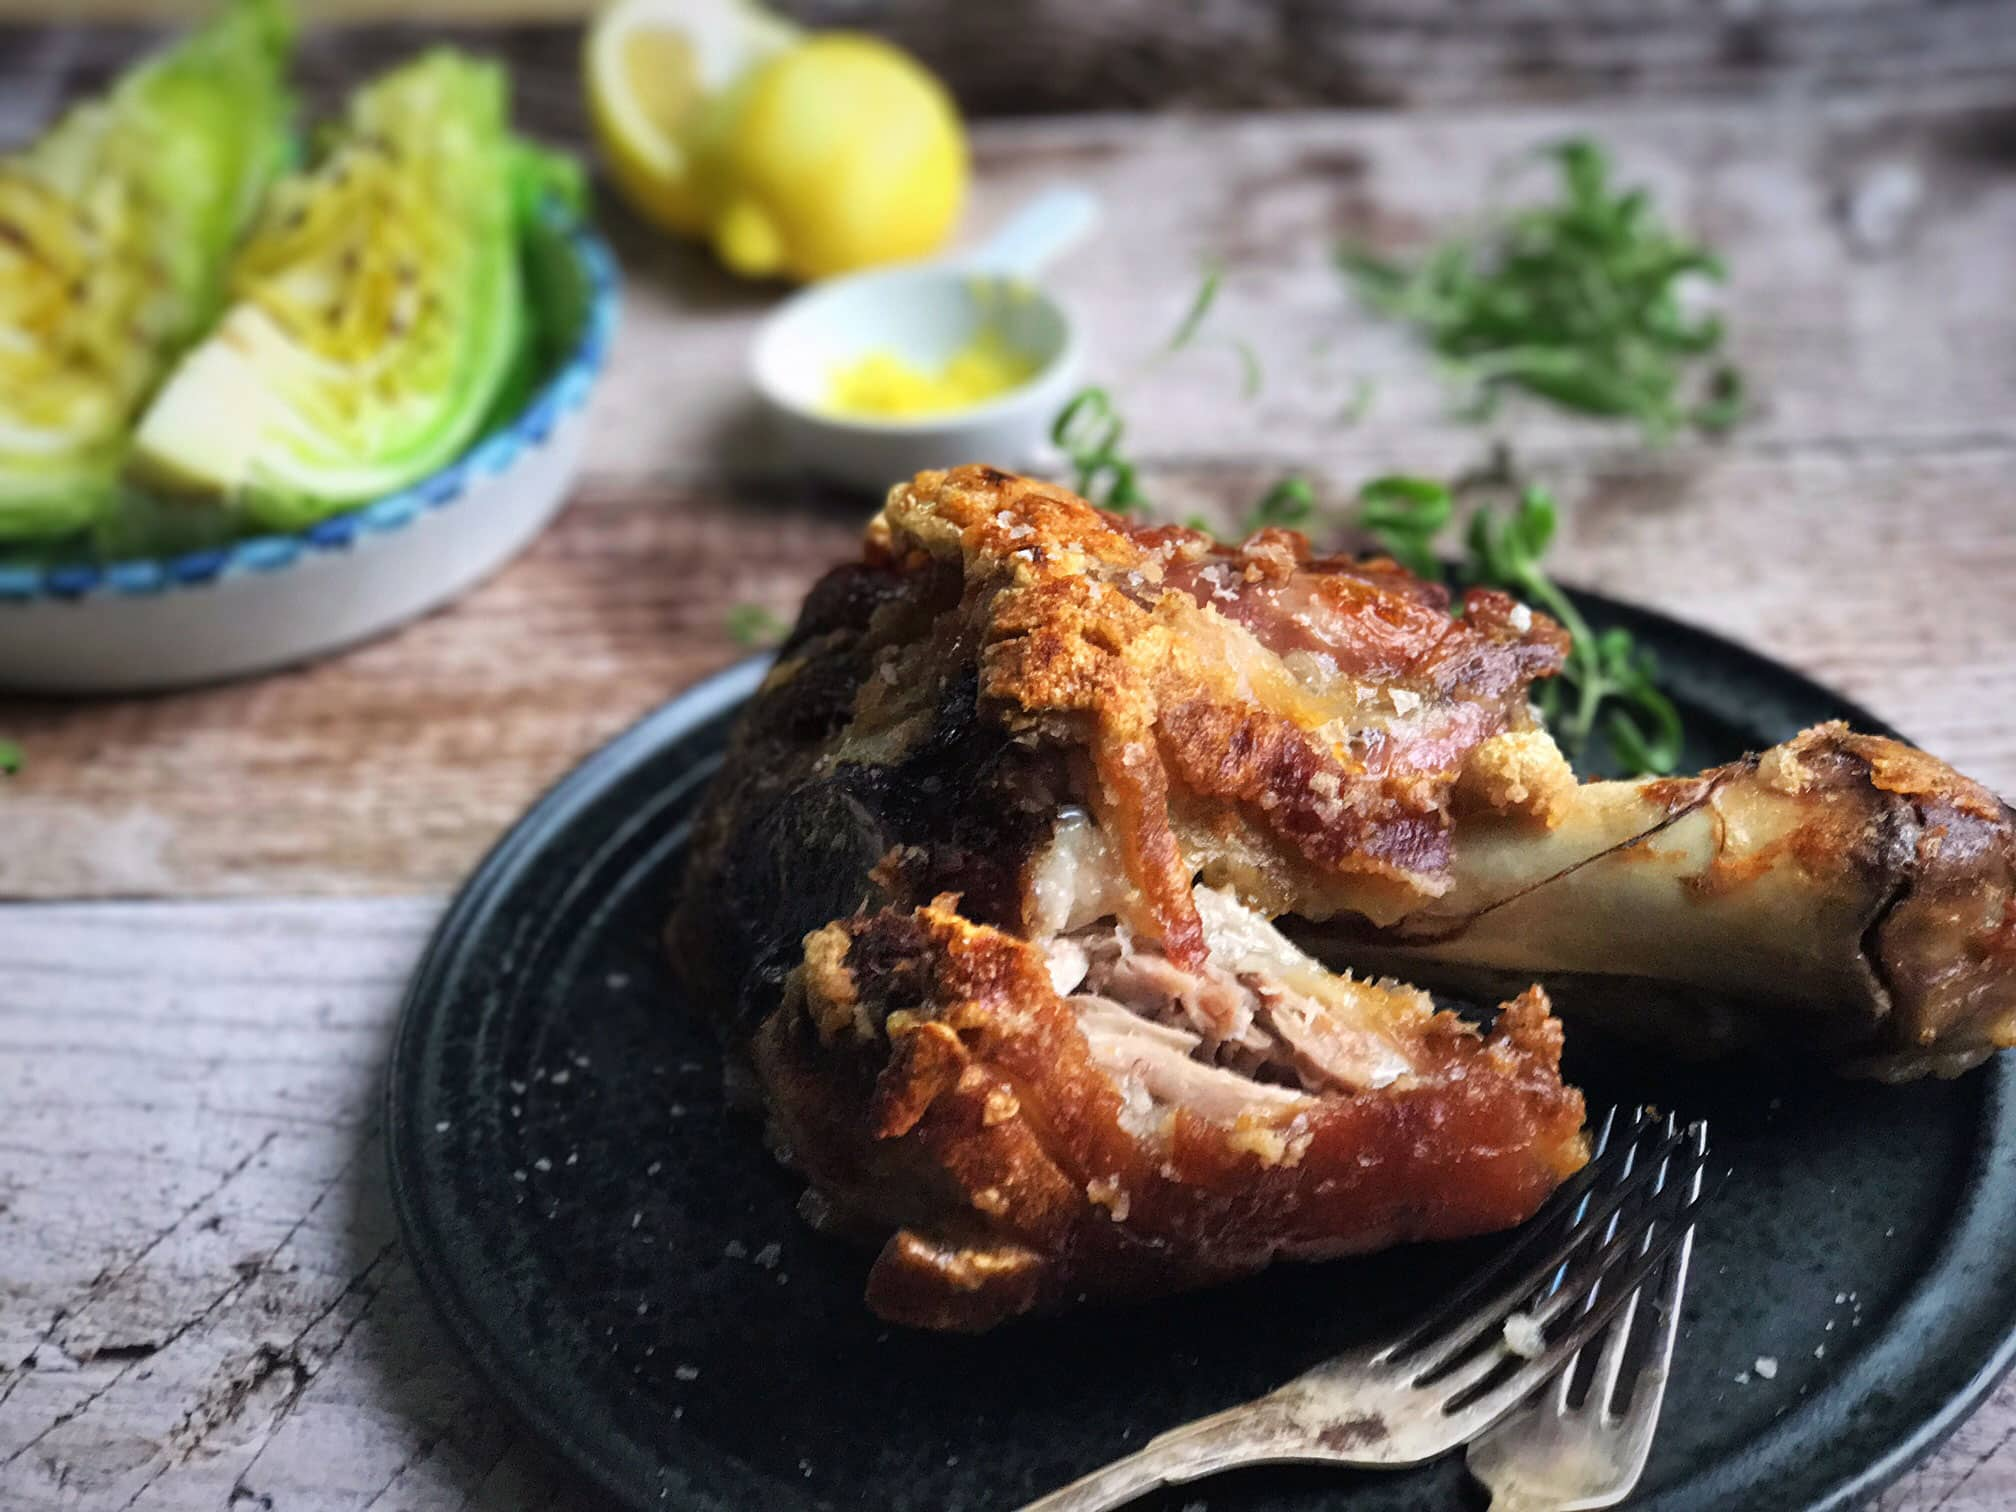 Svineskank - opskrift på langtidsstegt svineskank i ovn serveret med smørstegt spidskål med citron - Lækreste opskrift her: